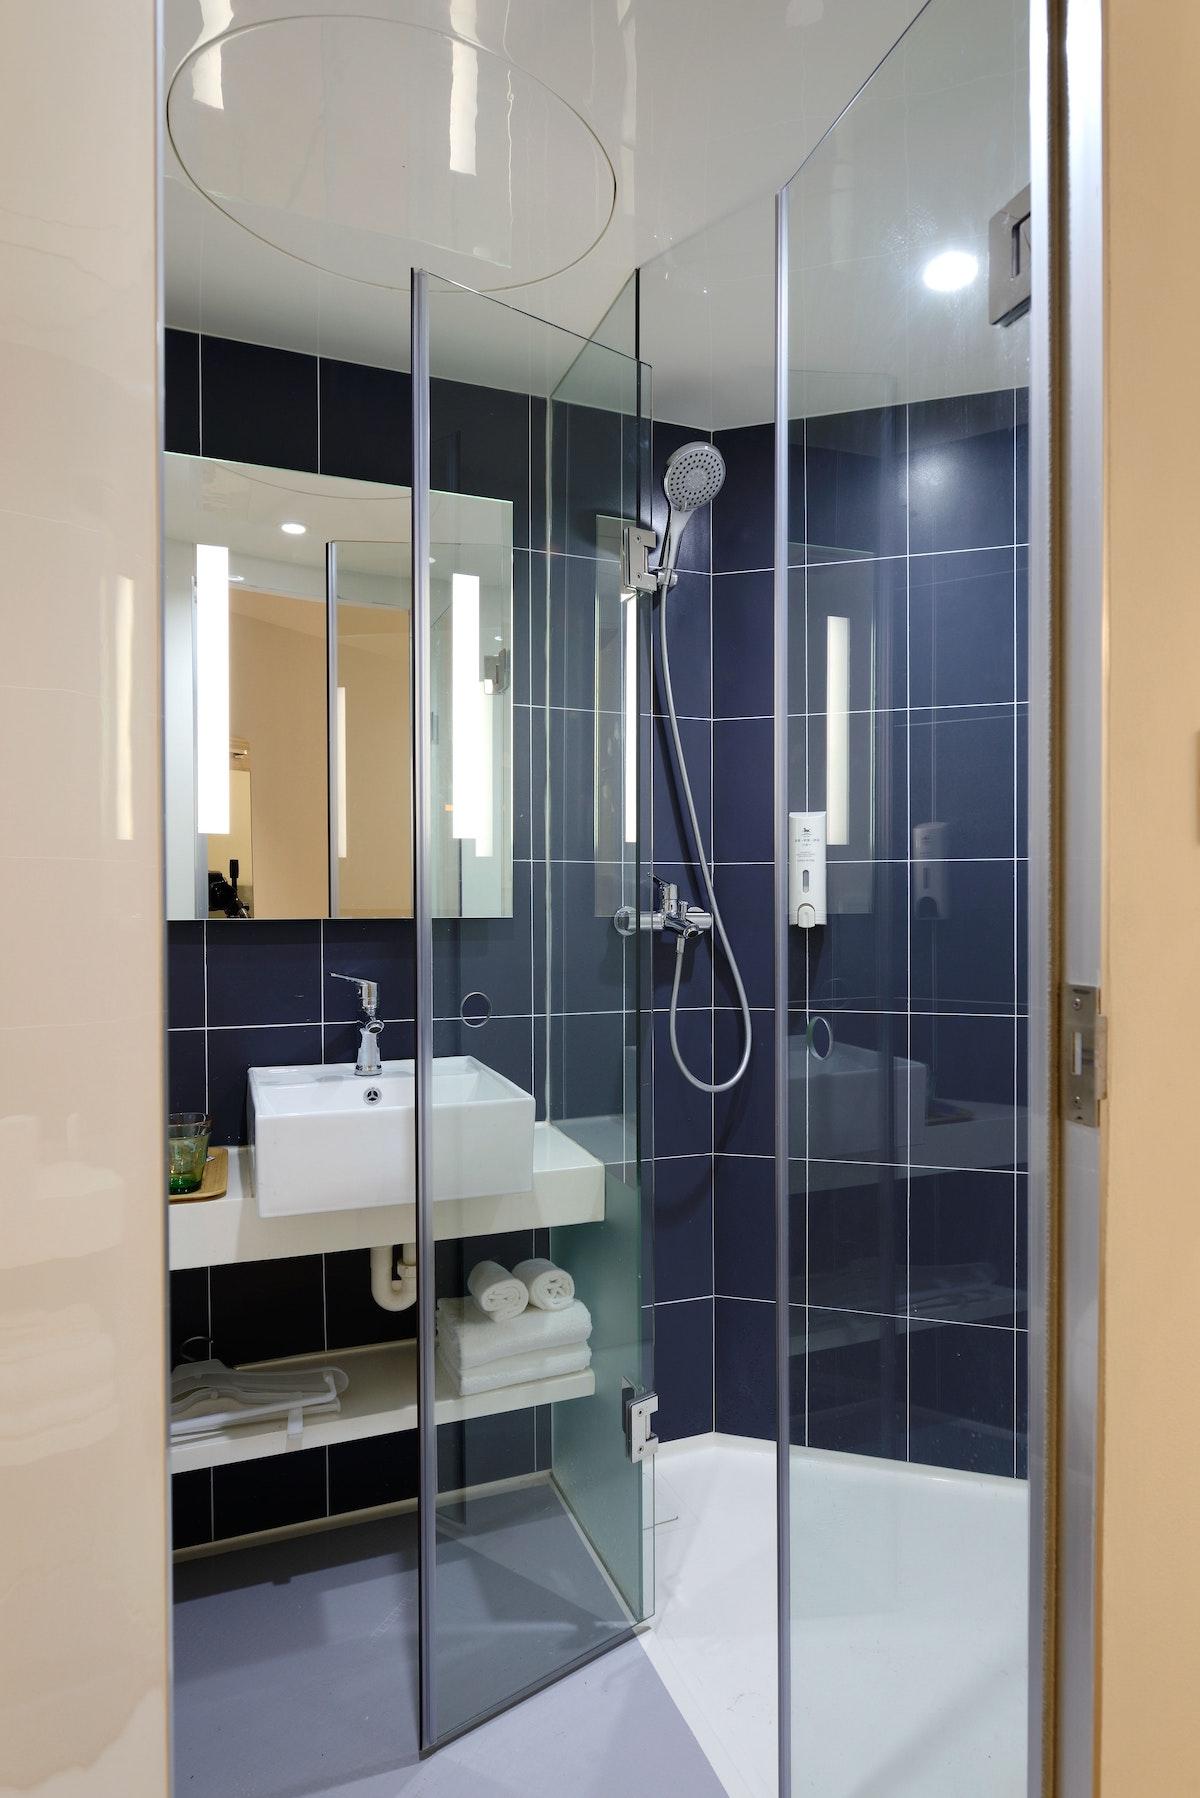 salle de bain connectée miroir intelligent carrelage bleu - blog déco - clem around the corner